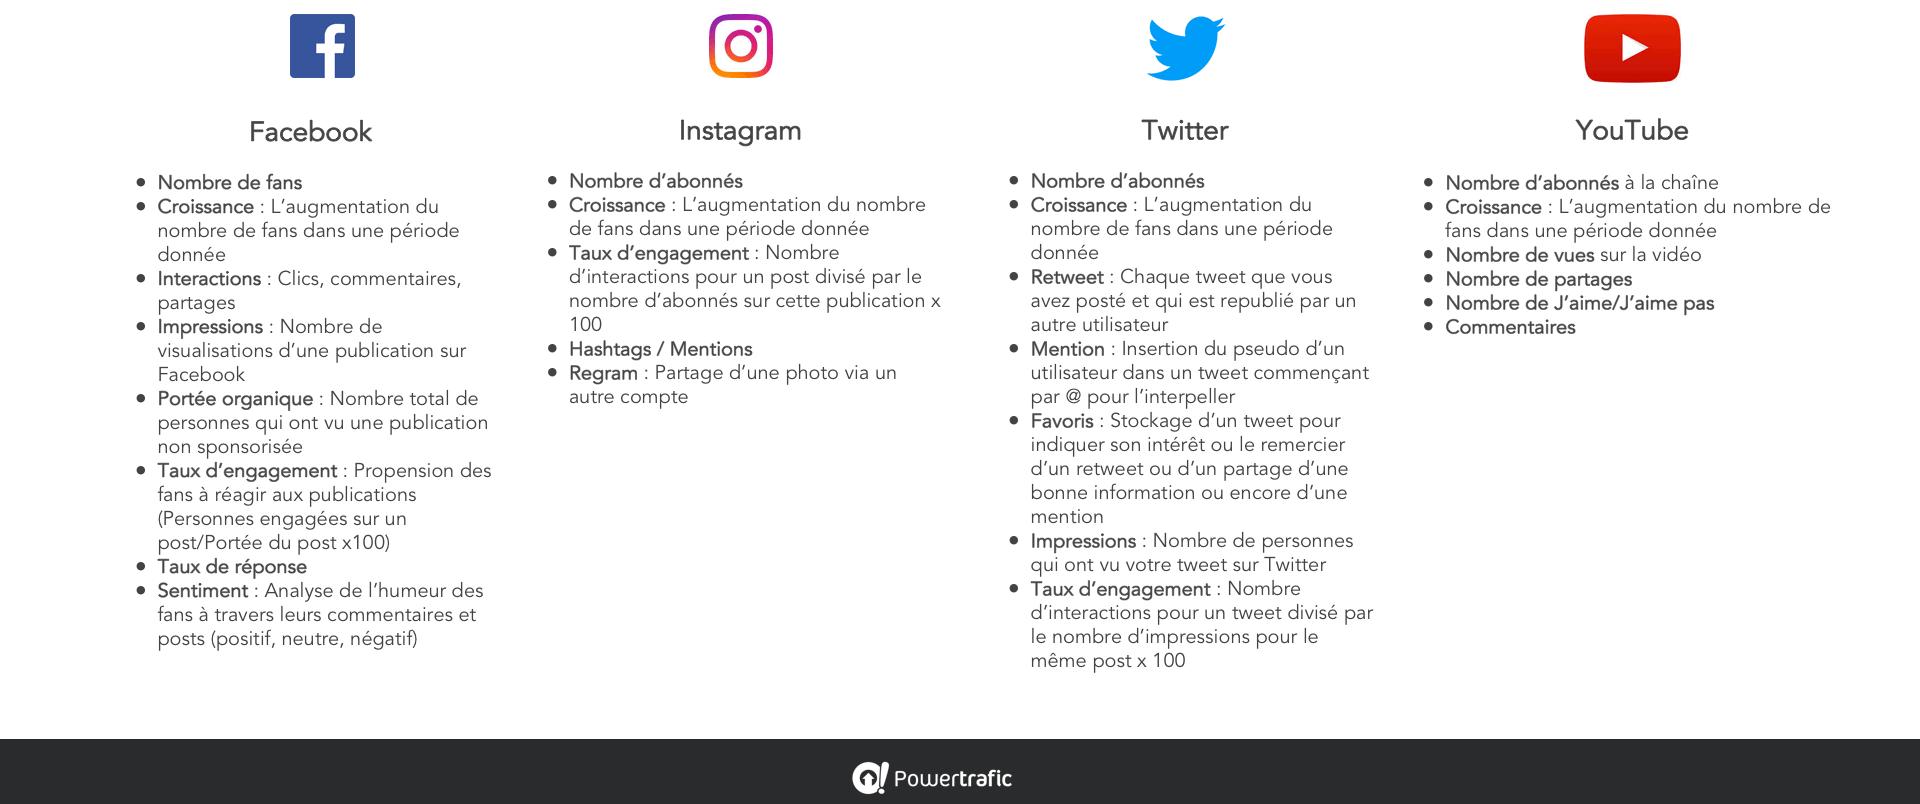 KPI de suivi pour les réseaux sociaux